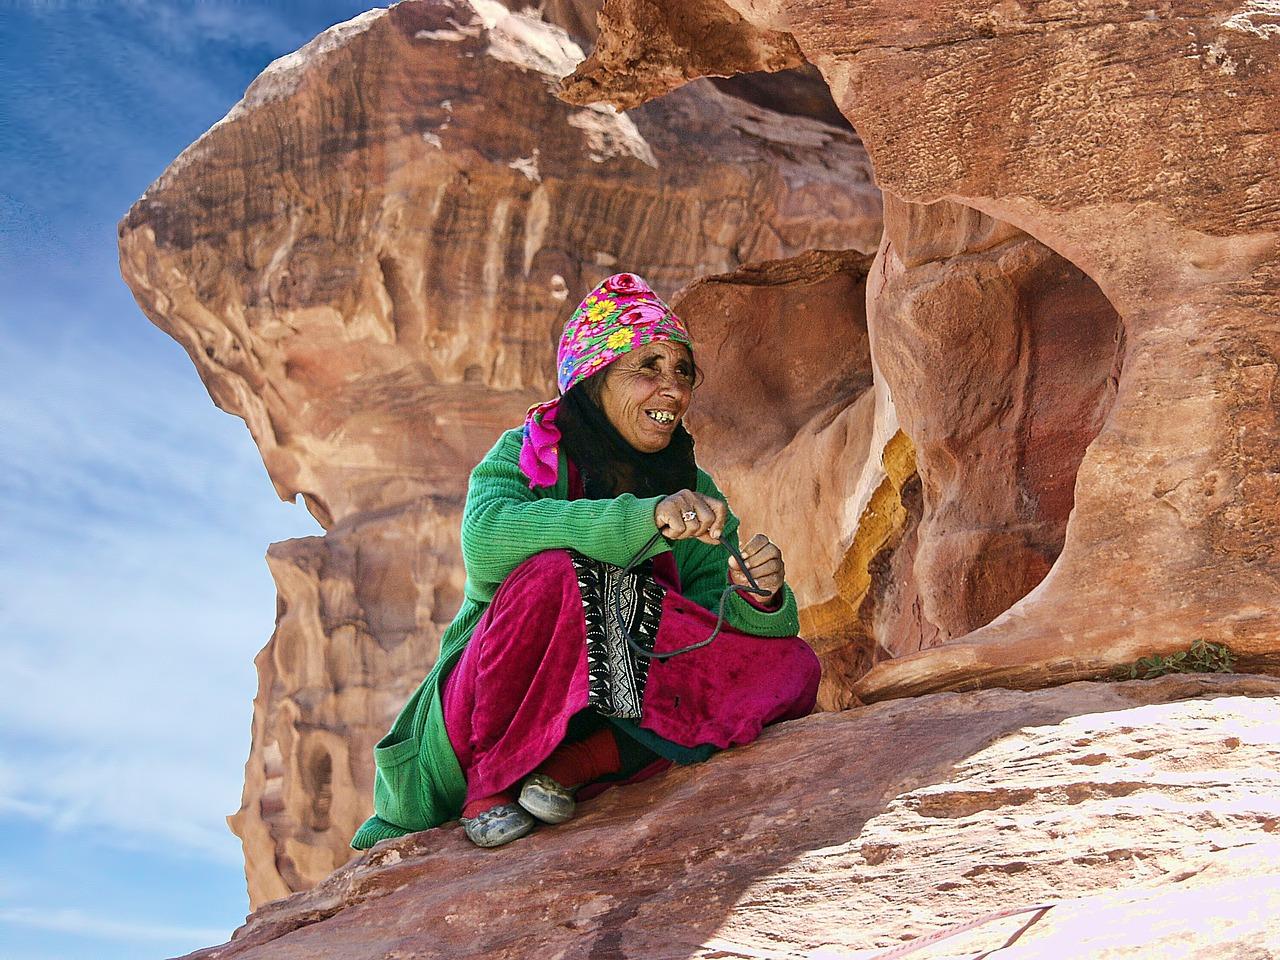 Local Bedouin in Petra